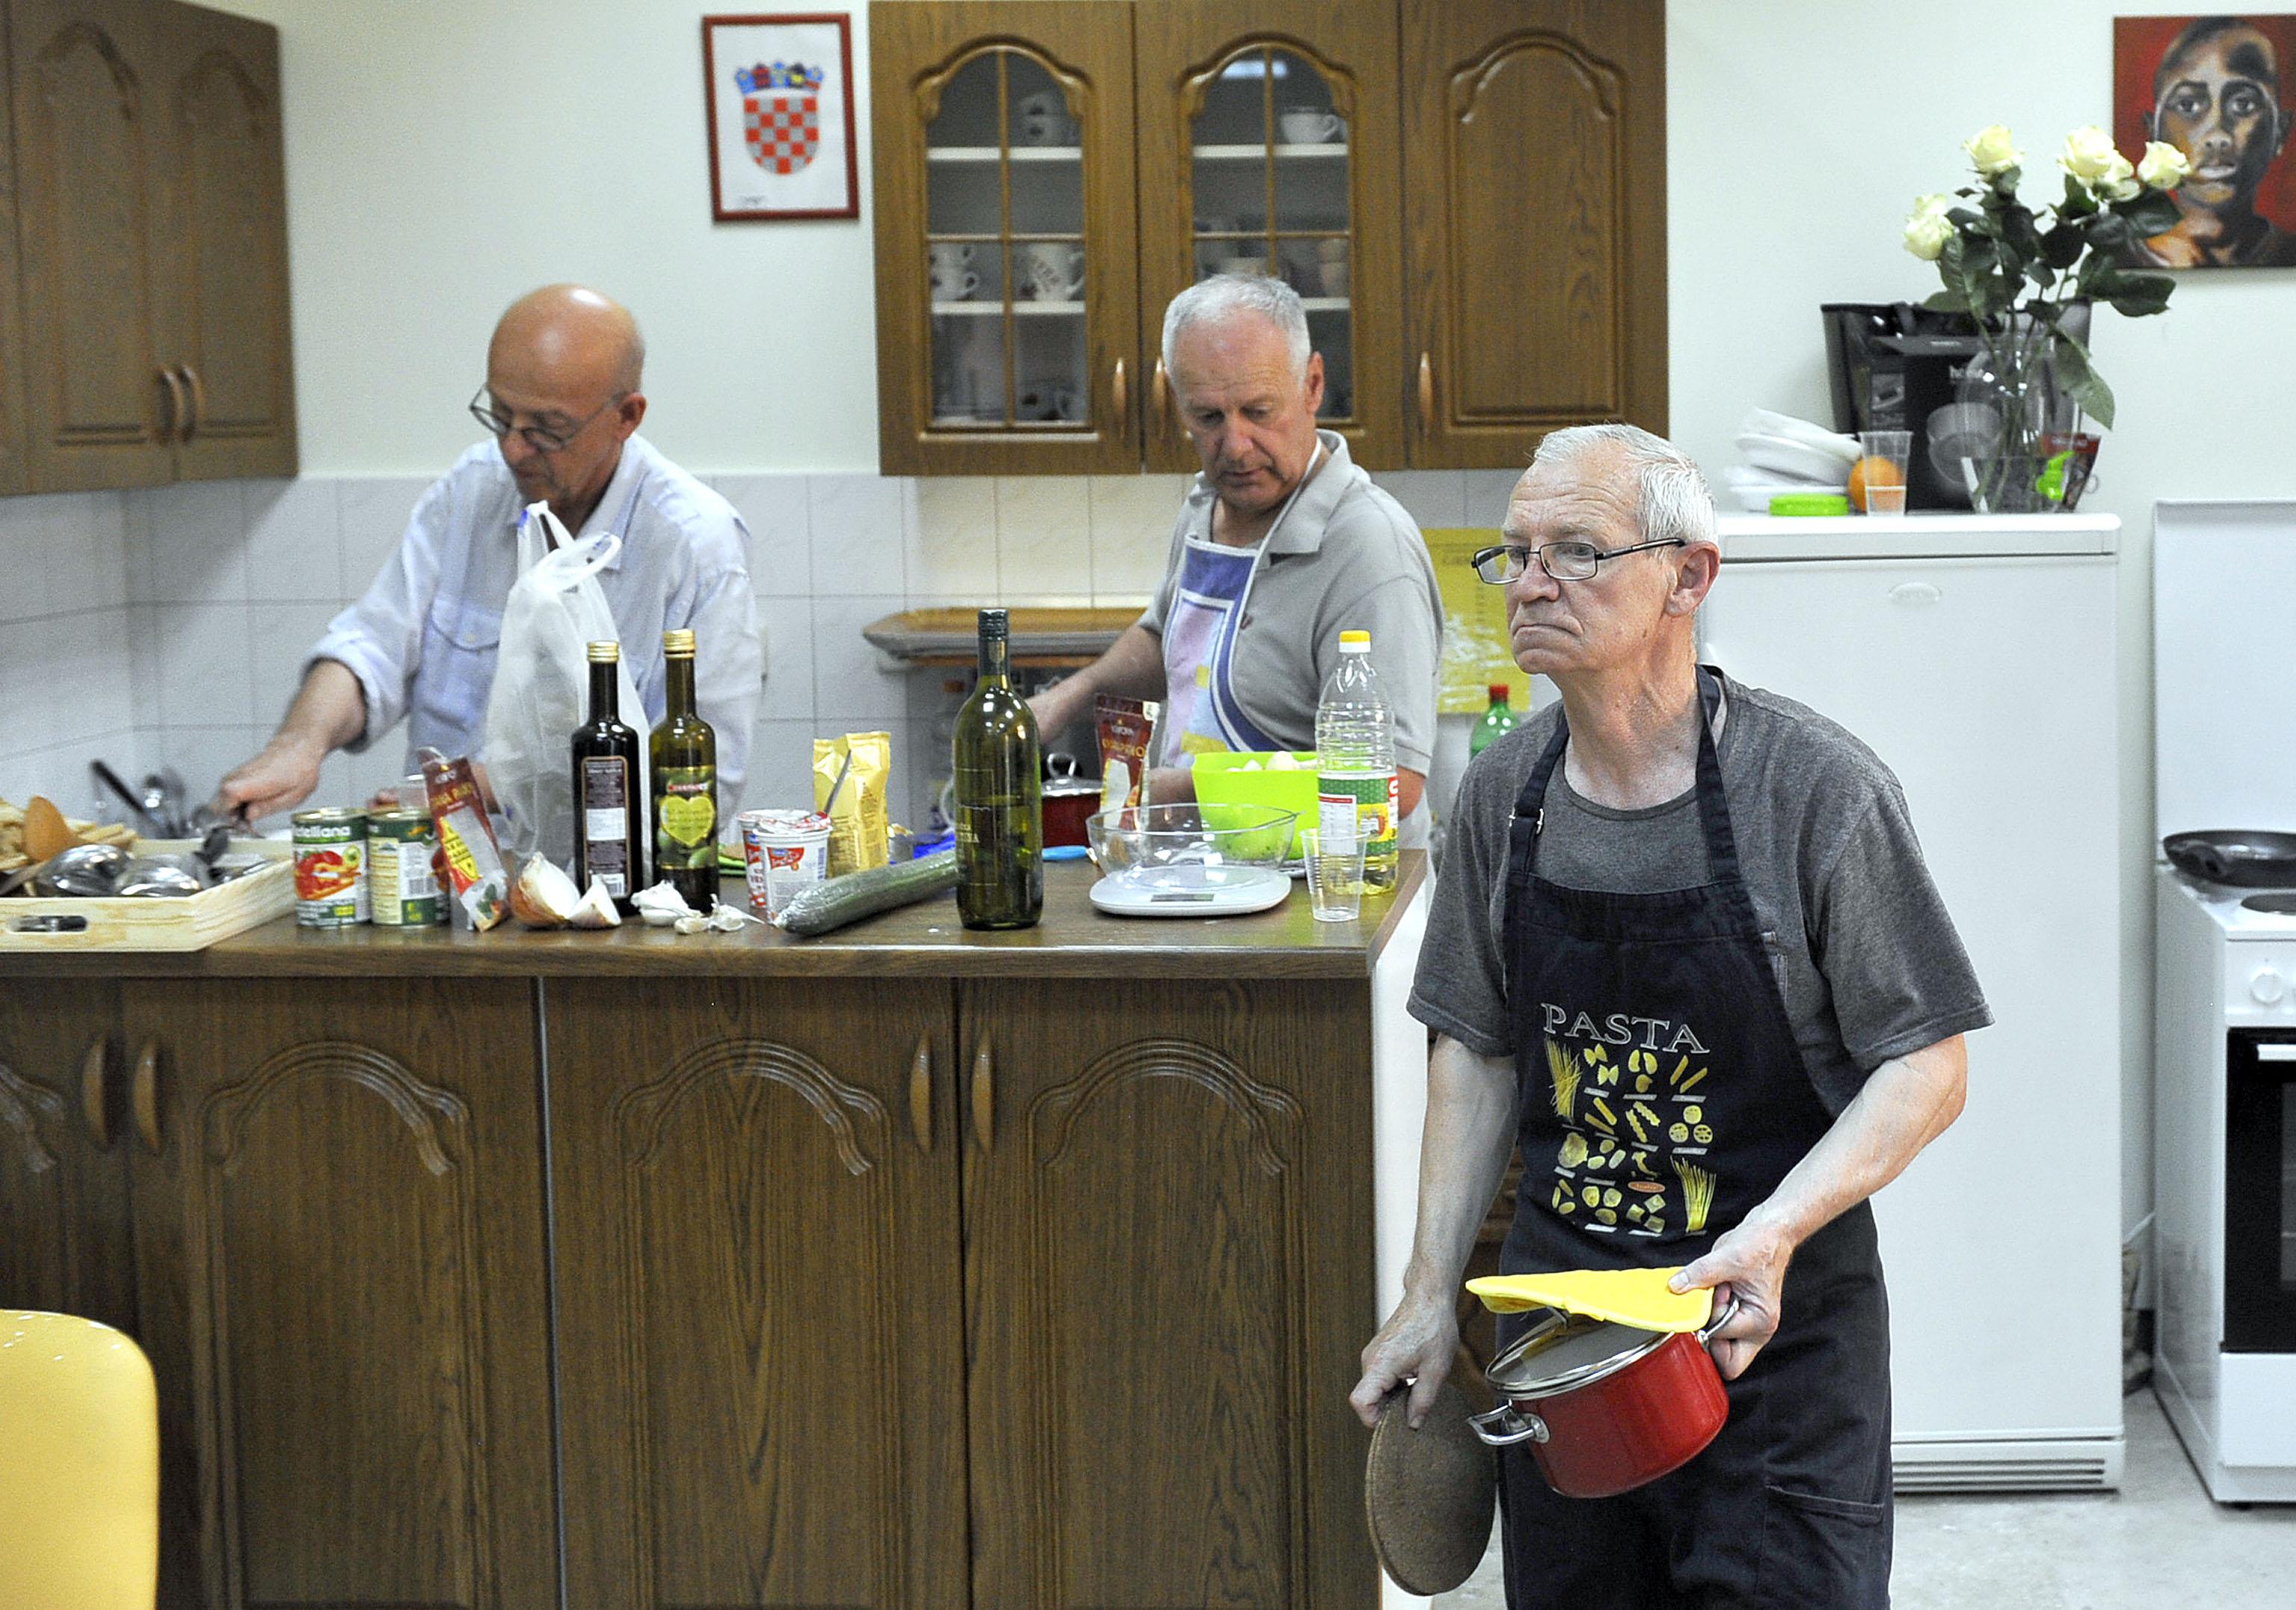 Pranje suđa je kreativan posao - Boris Turčić (prvi s lijeva) u akciji / Snimio Roni BRMALJ